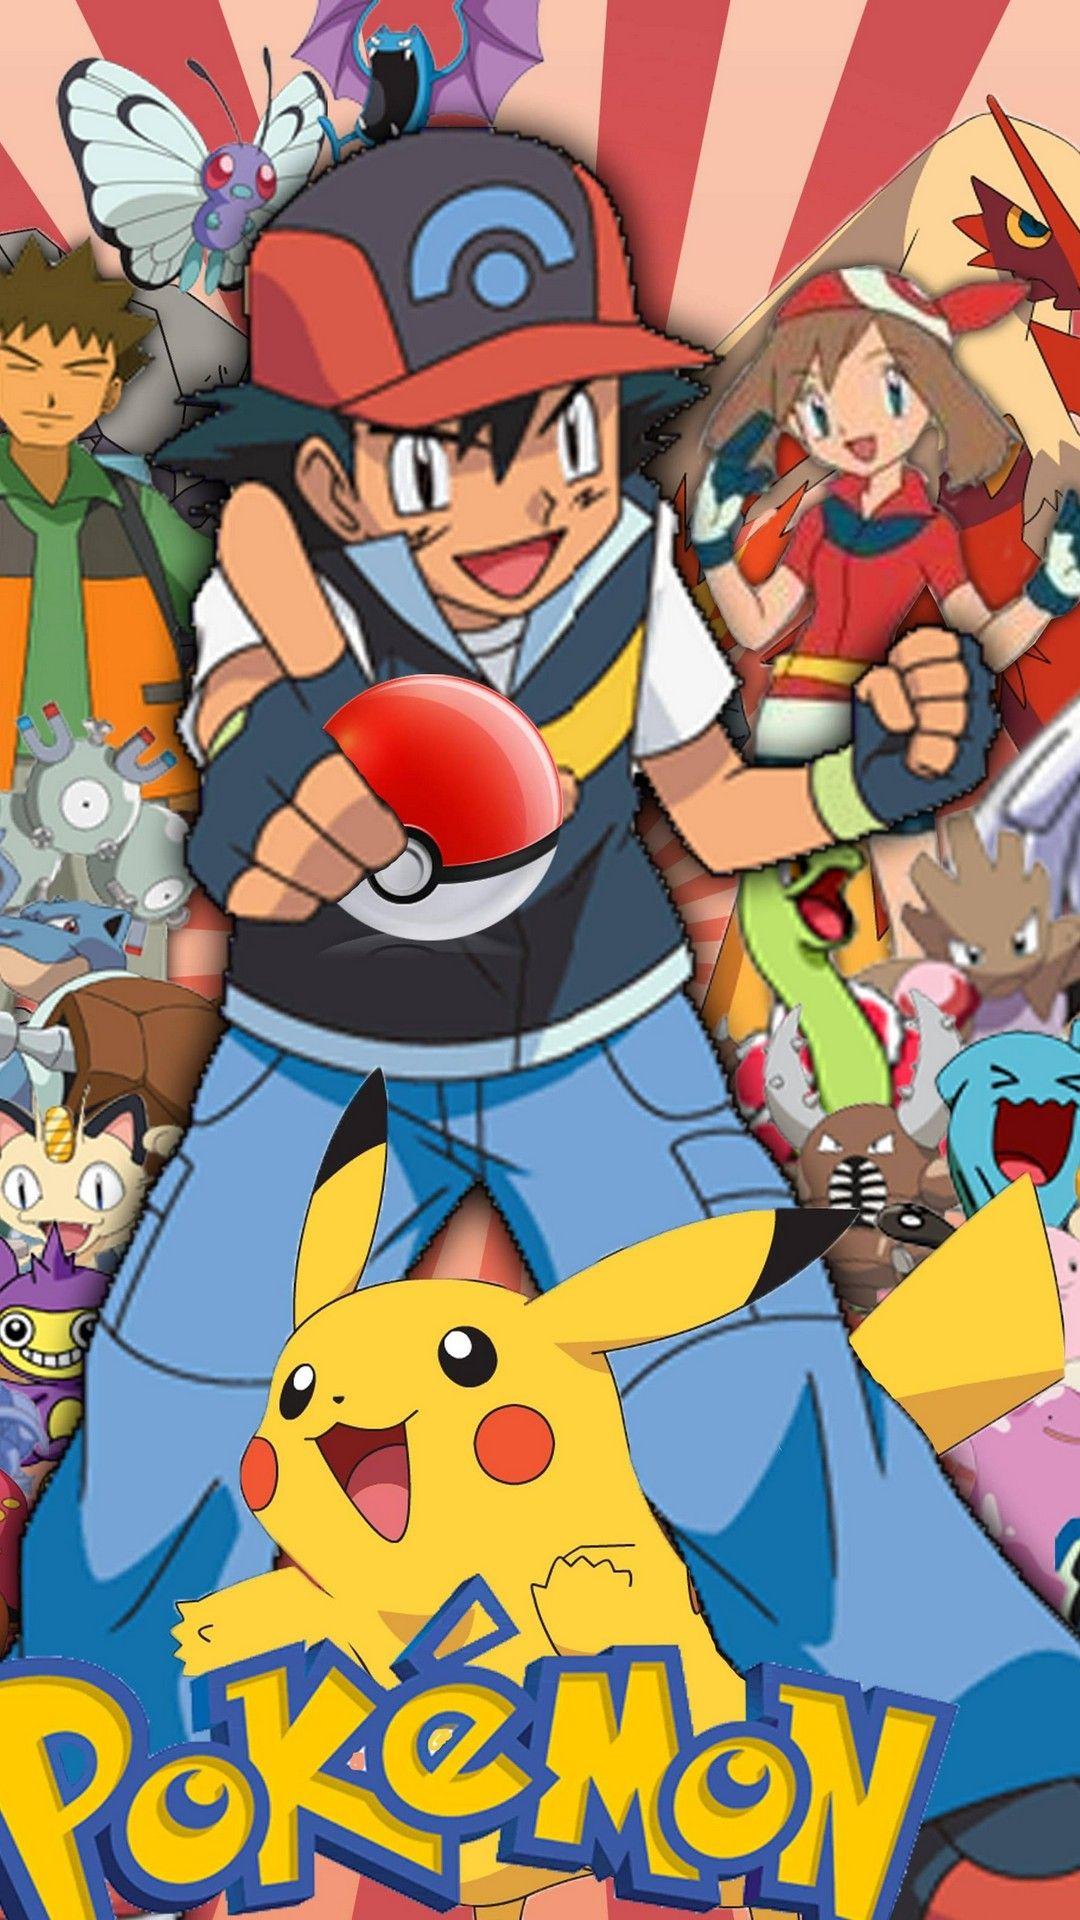 Pokemon Wallpaper For Phones Best Phone Wallpaper Cool Wallpapers For Phones Iphone Wallpaper Pikachu Wallpaper